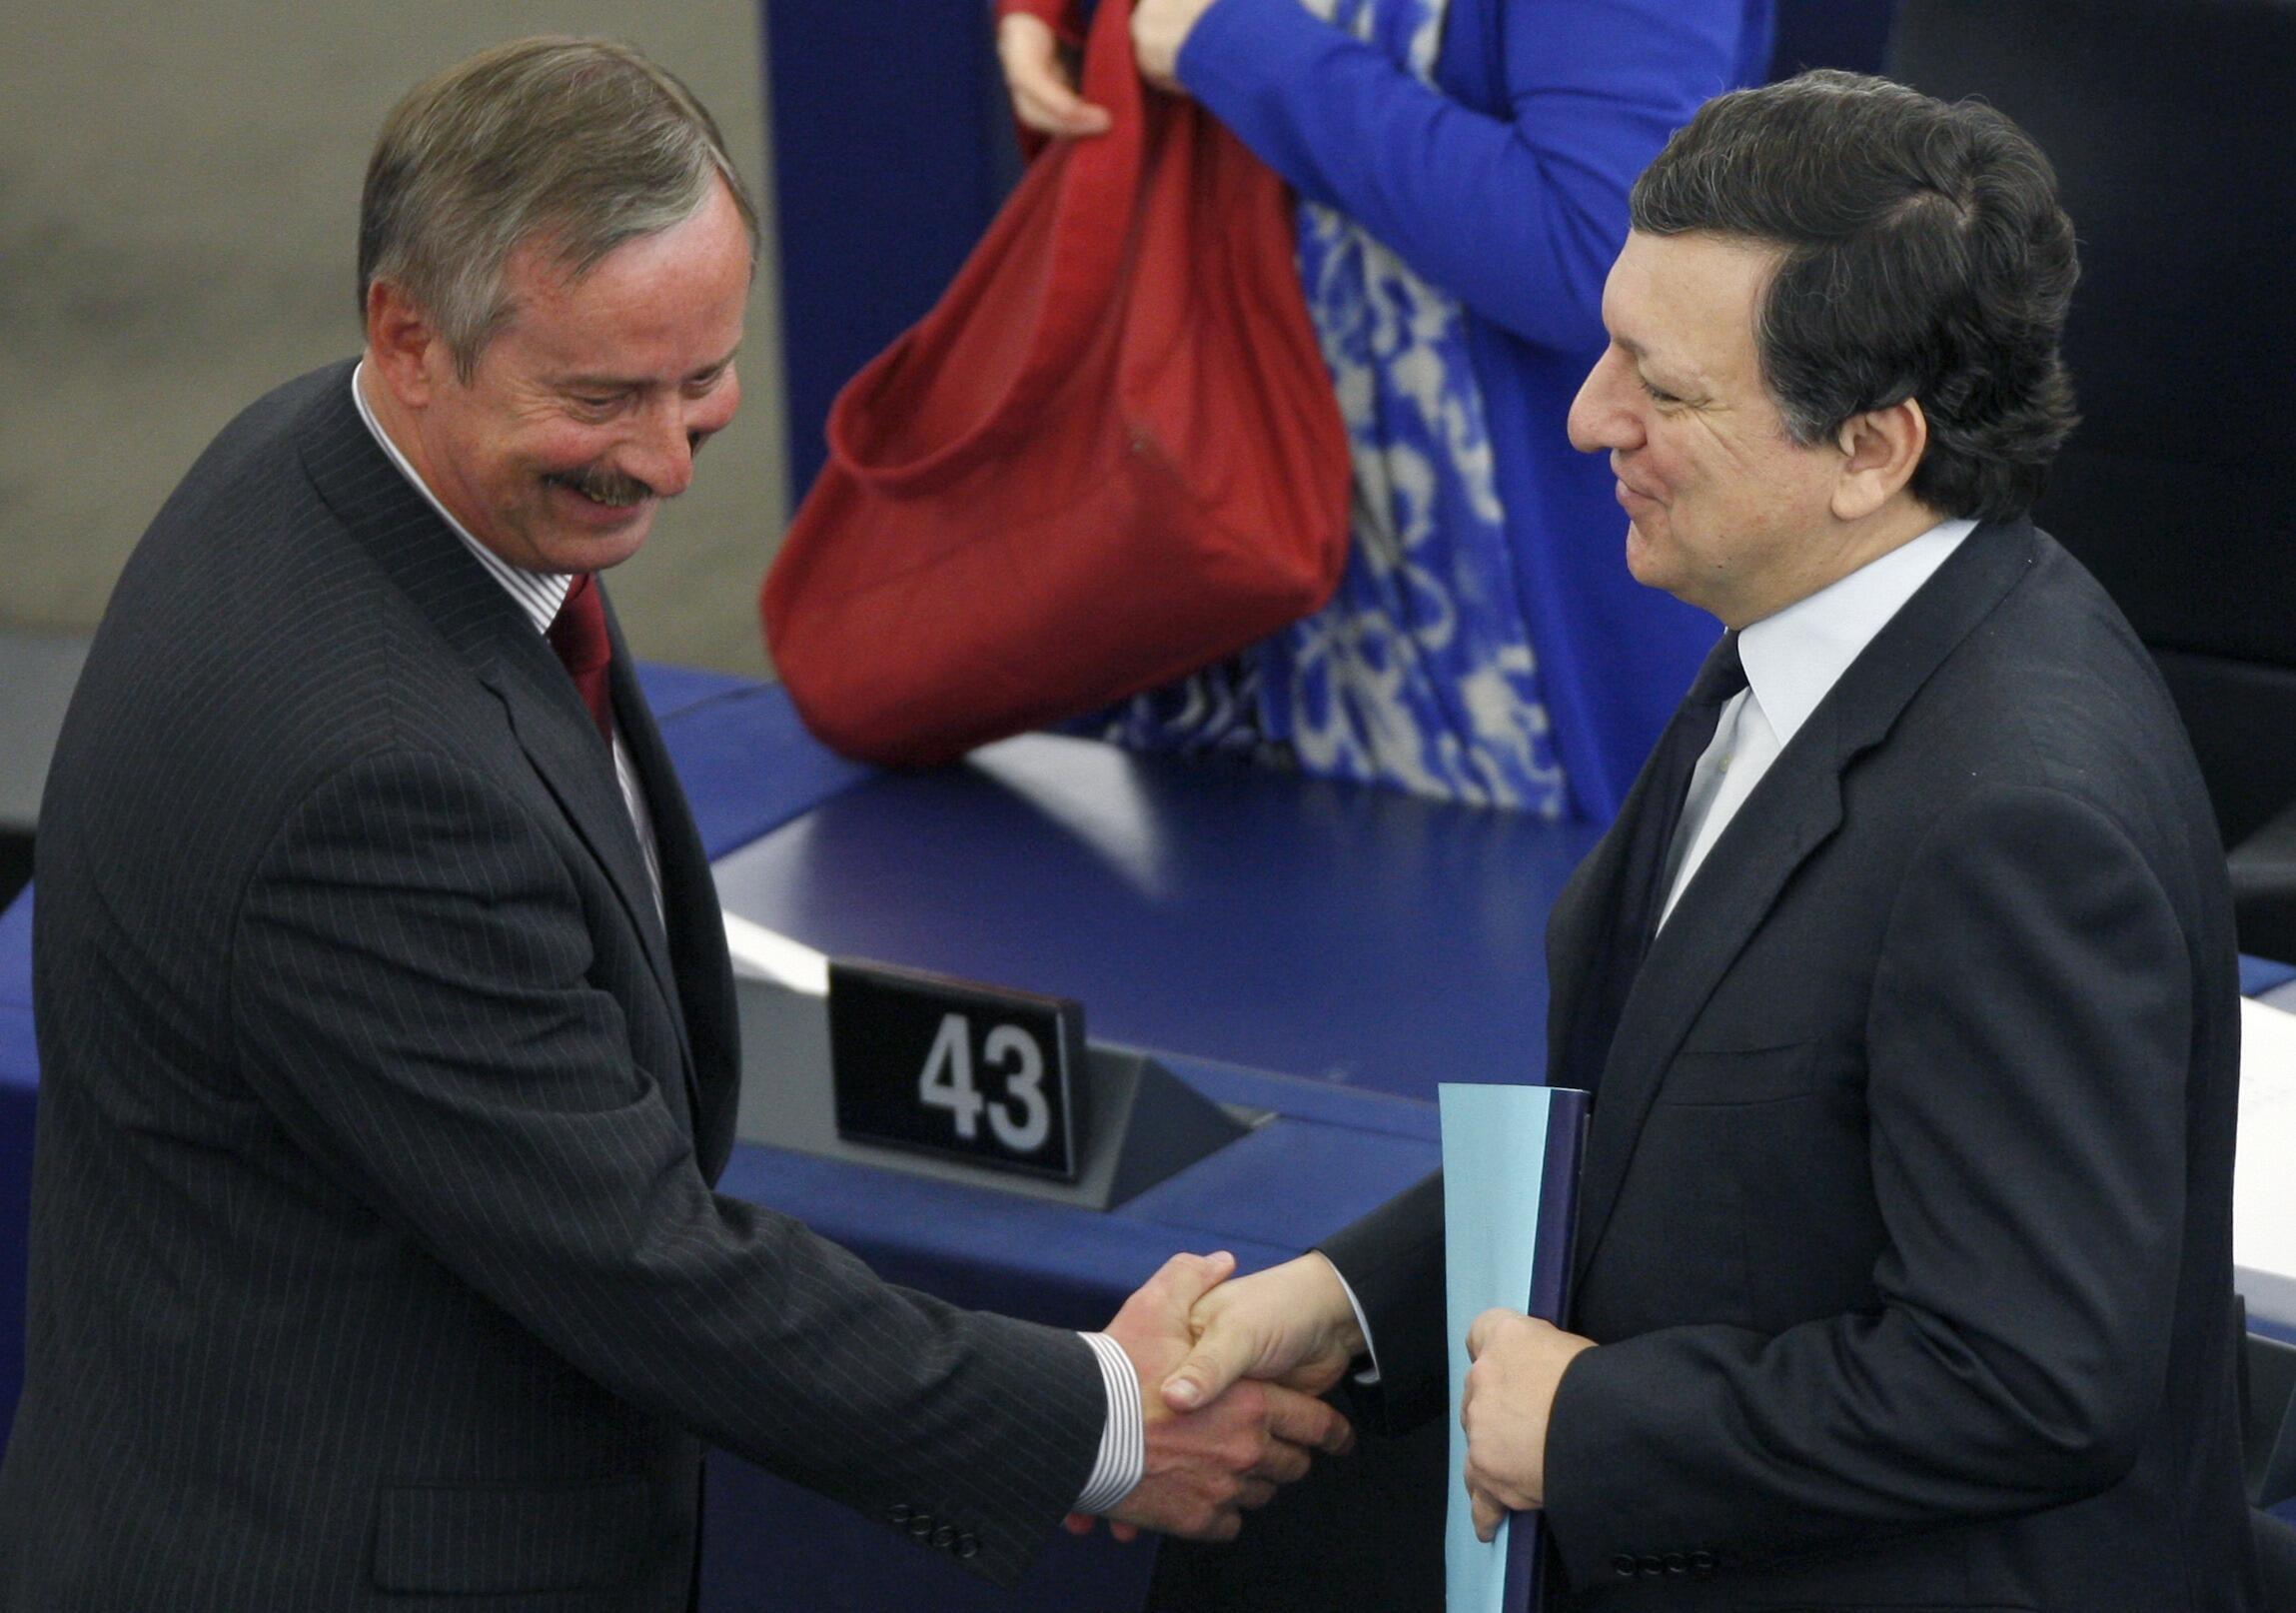 O comissário dos transportes europeu Siim Kallas e José Manuel Durão Barroso, presidente da Comissão Europeia.